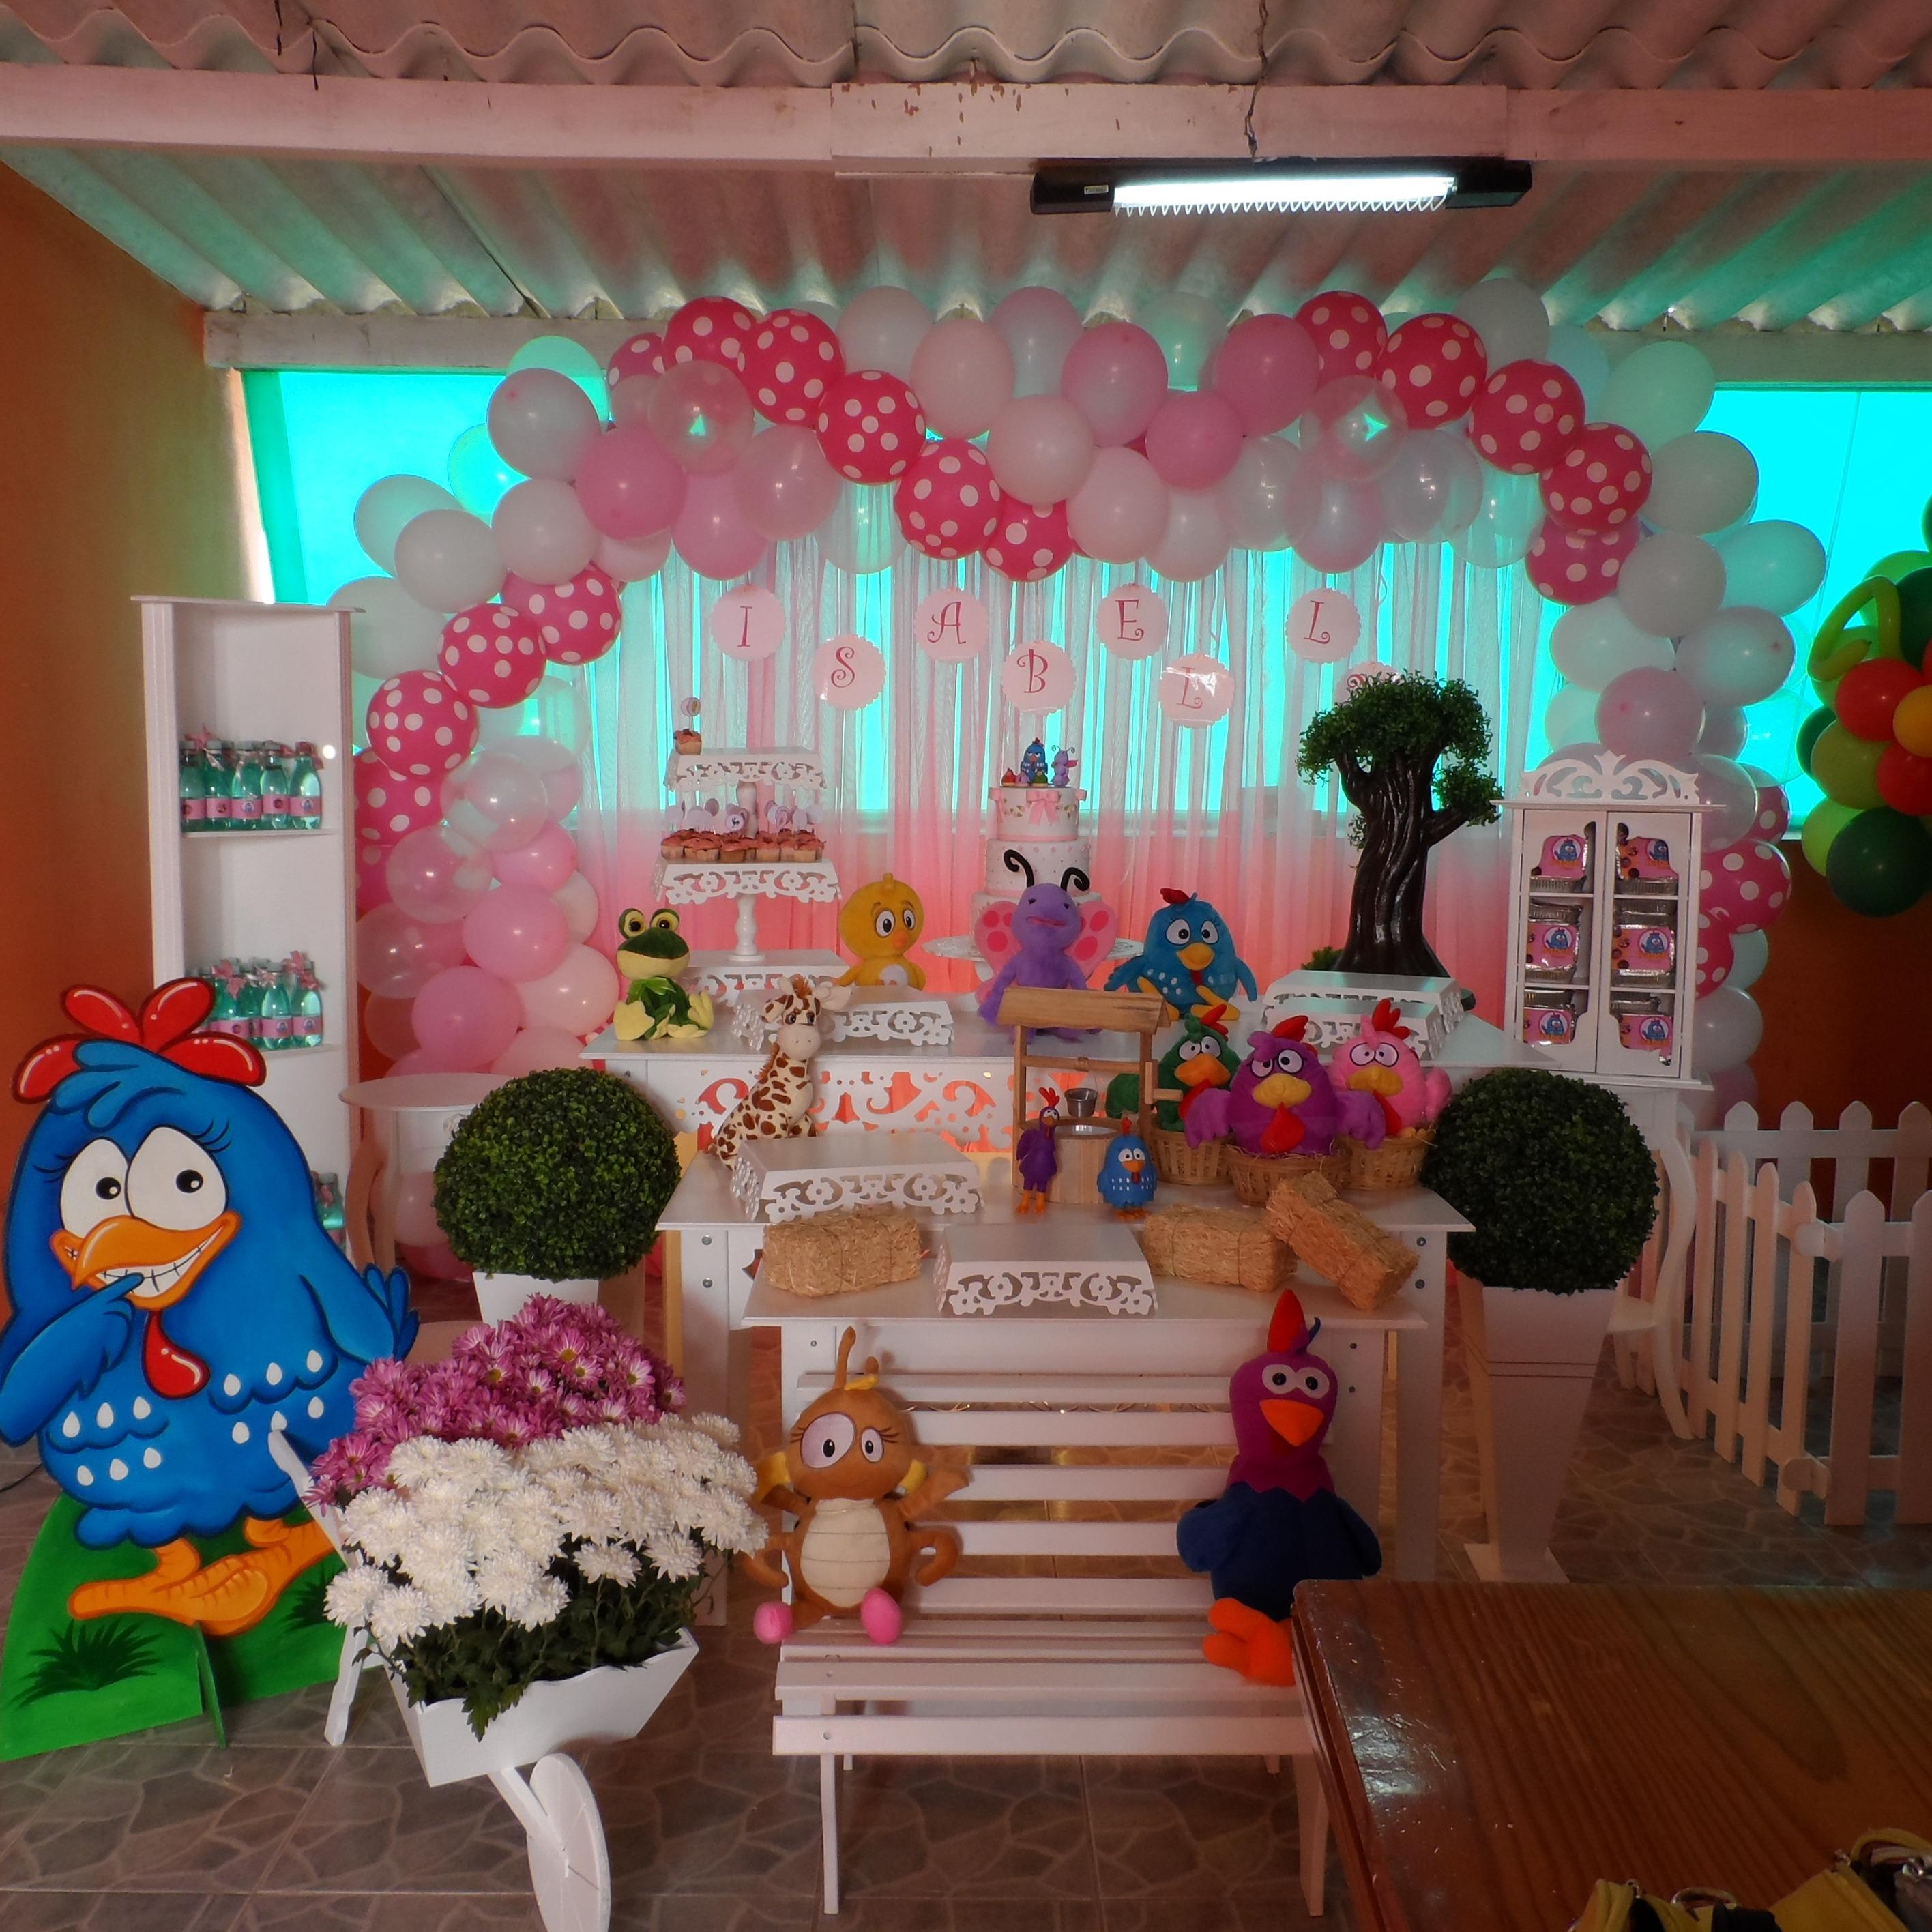 decoracao festa galinha pintadinha rosa:galinha pintadinha rosa galinha pintadinha rosa galinha pintadinha